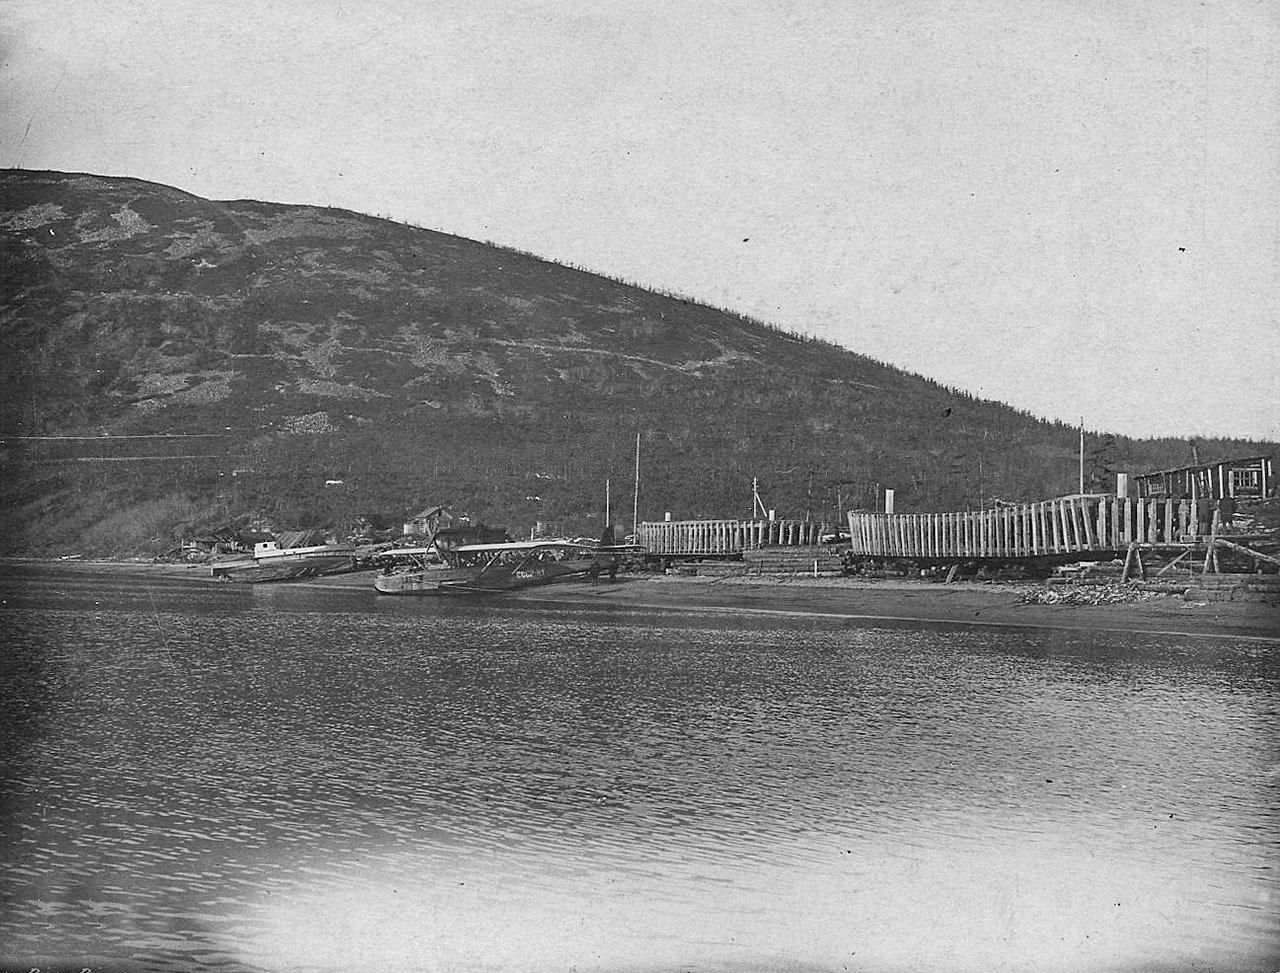 Аэродром в бухте Нагаево. На берегу строящиеся кунгасы и баржи морского типа. У берега - летающая лодка «Dorner-Wal» Н-1. 1933 год